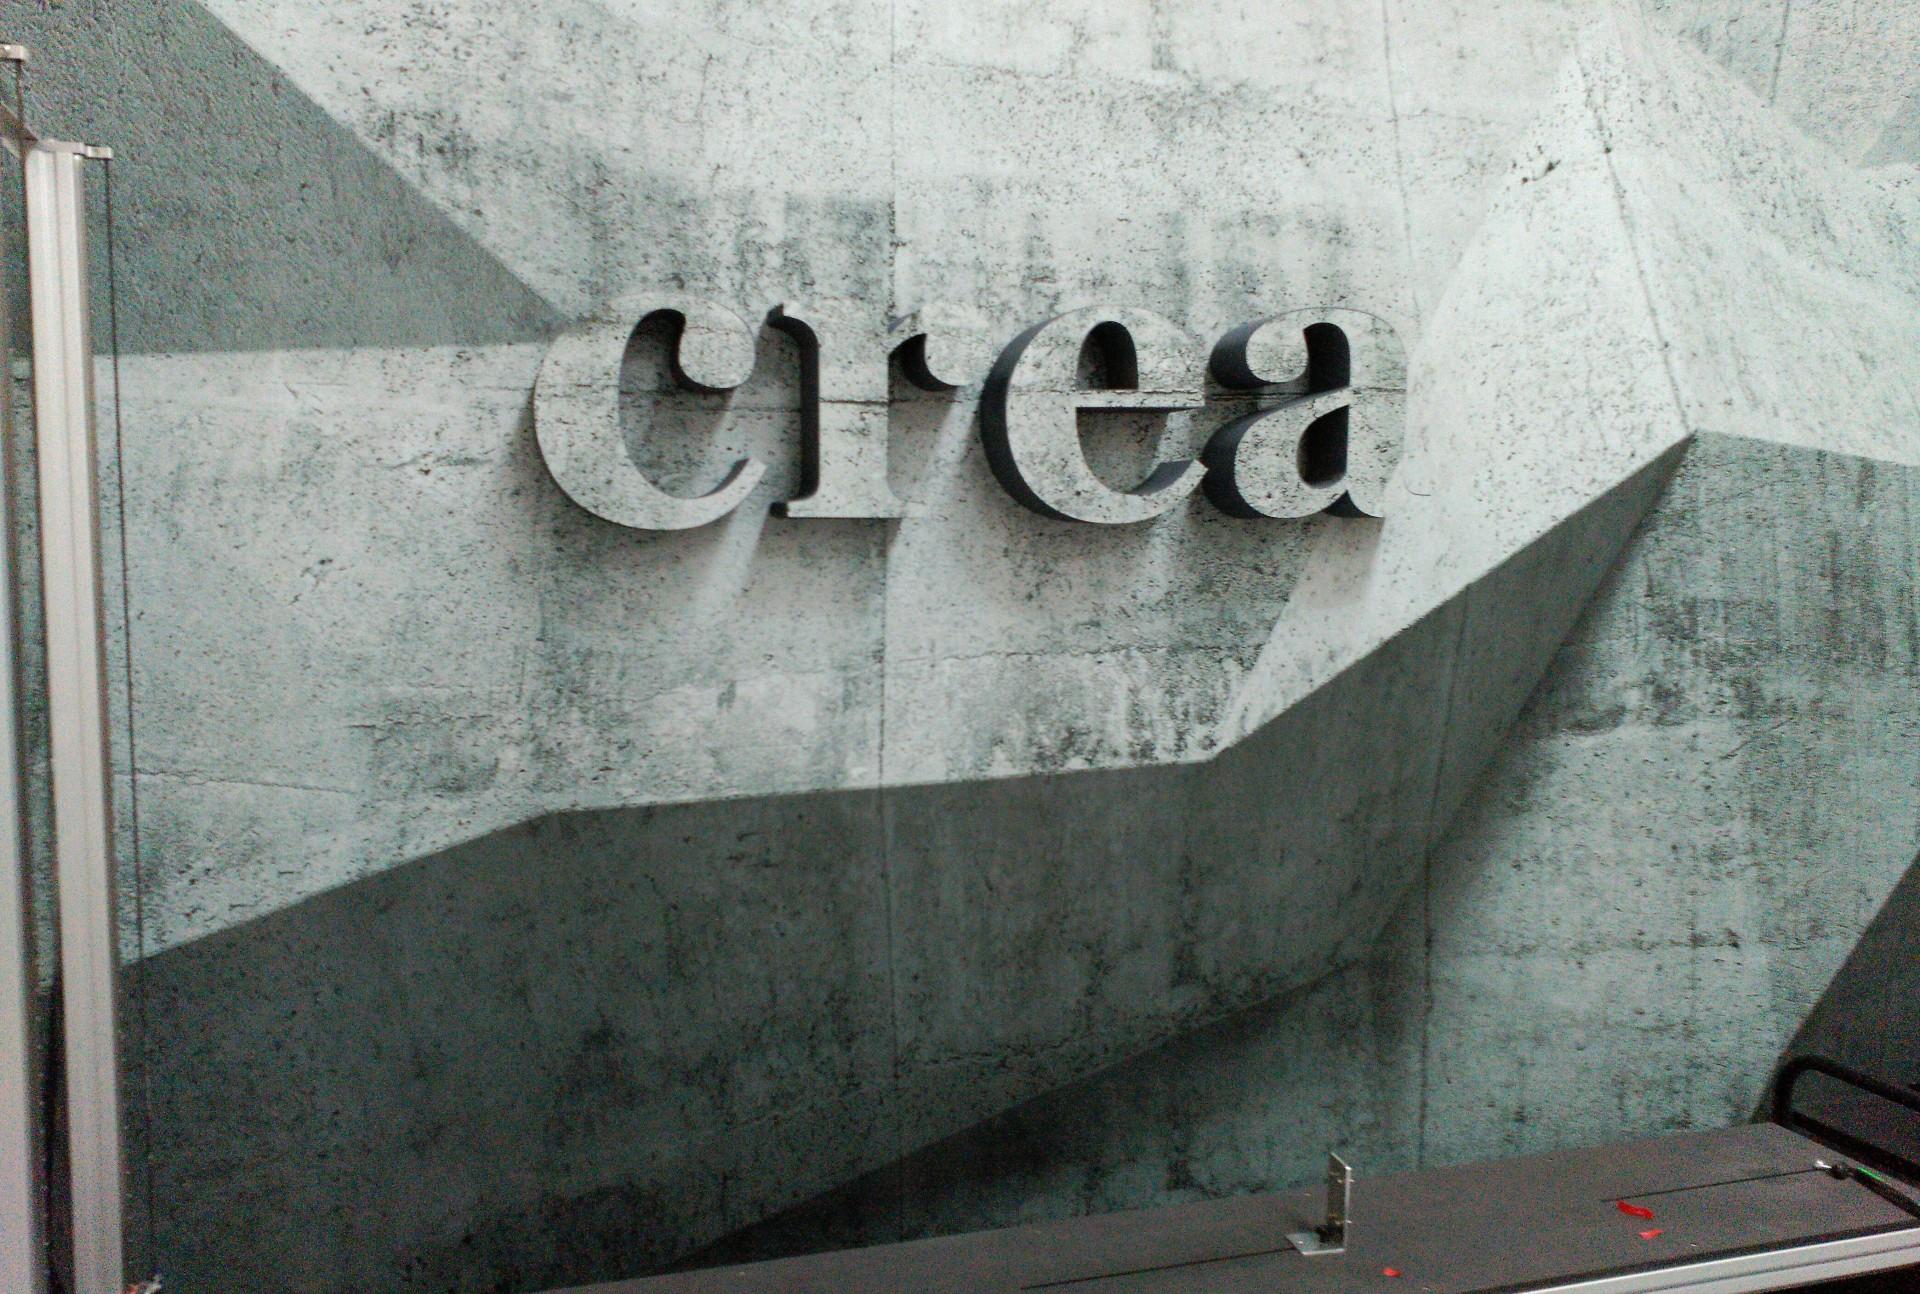 crea_imagen_creaimagen_rotulacion_diseño_vinilos_impresion_letras_corpóreas_poliestireno_mural